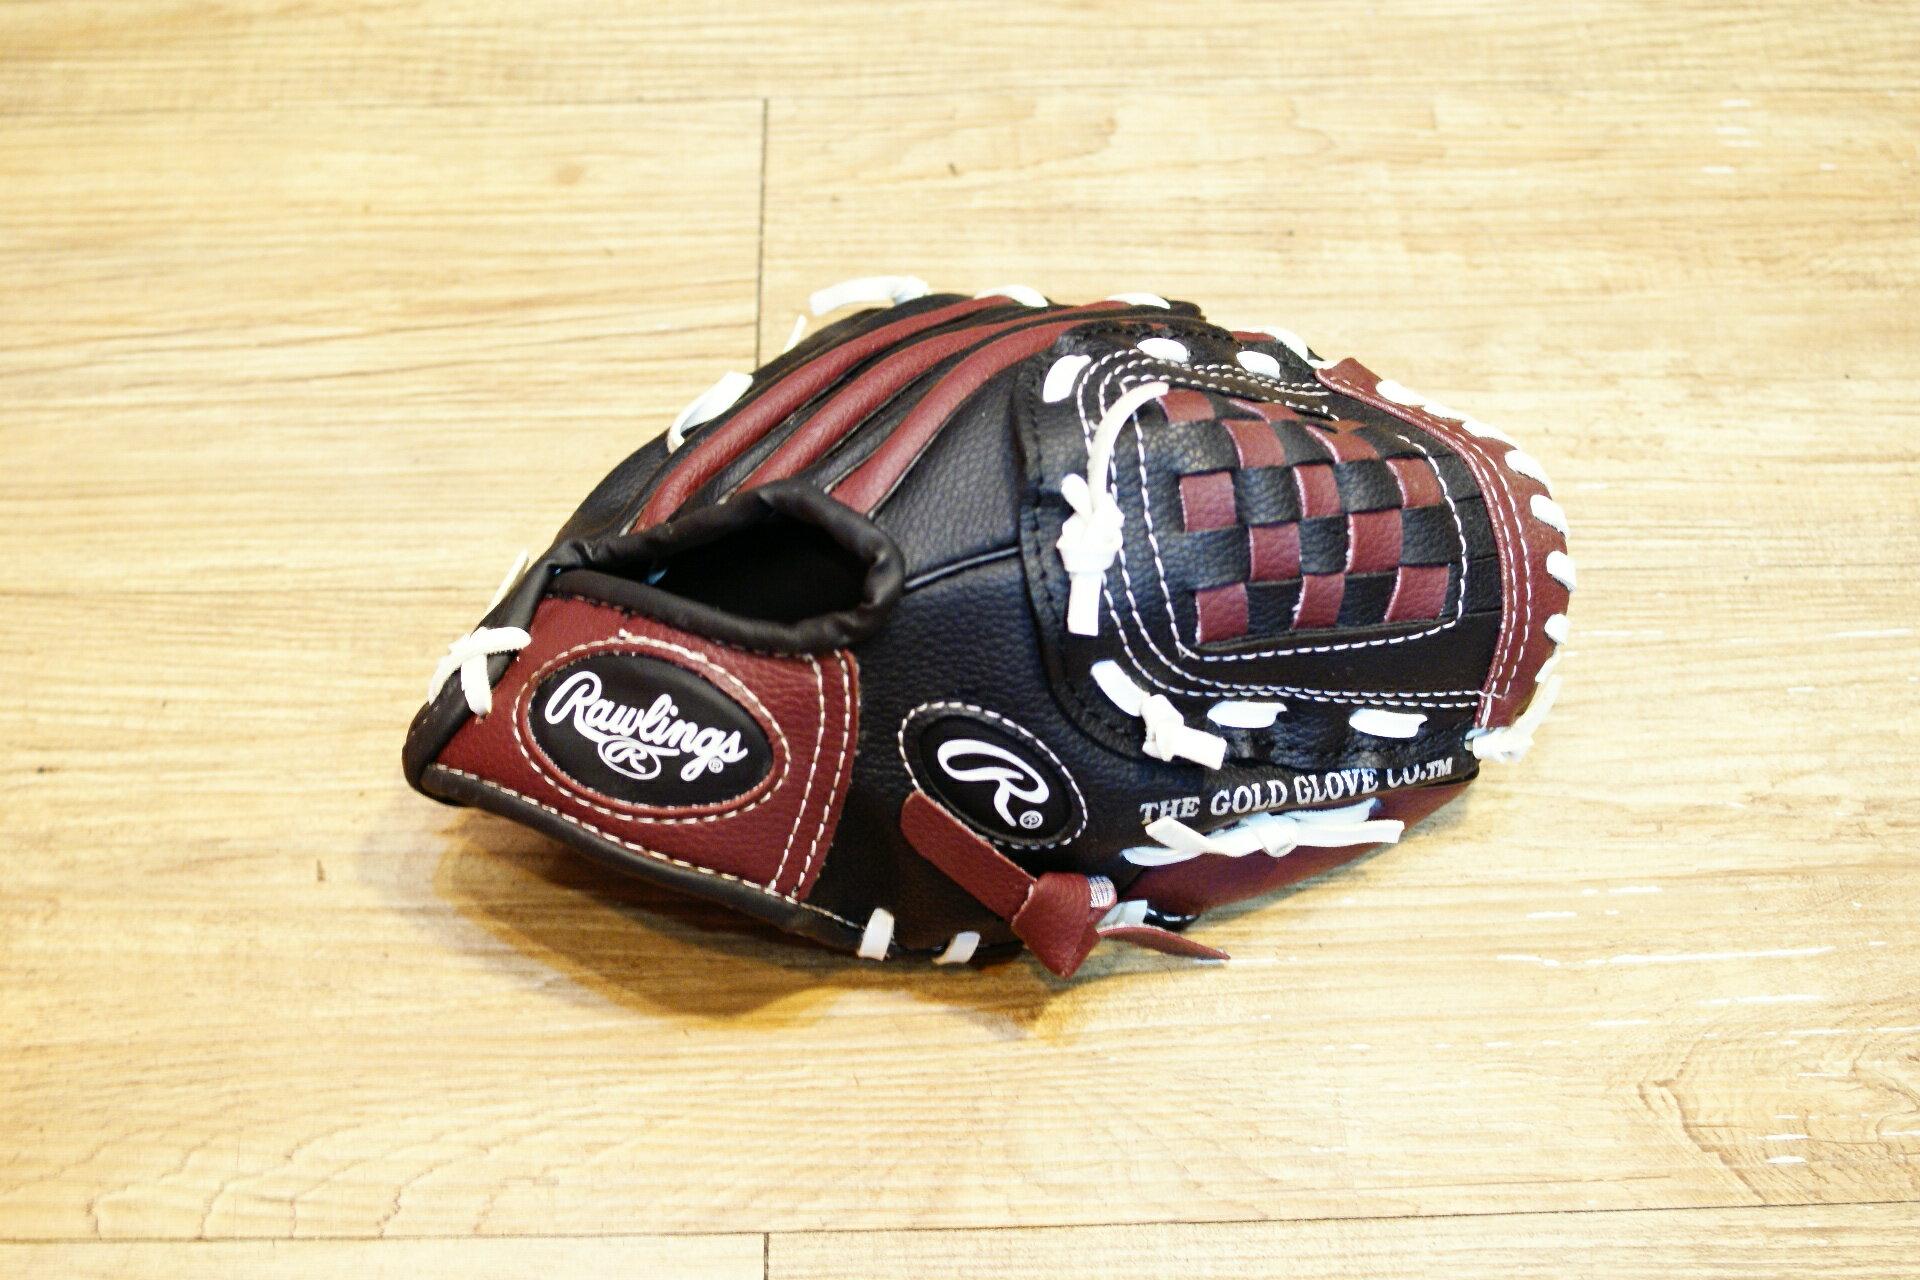 〈棒球世界〉全新Rawlings 國小用手套 特價 新亮販 配色款